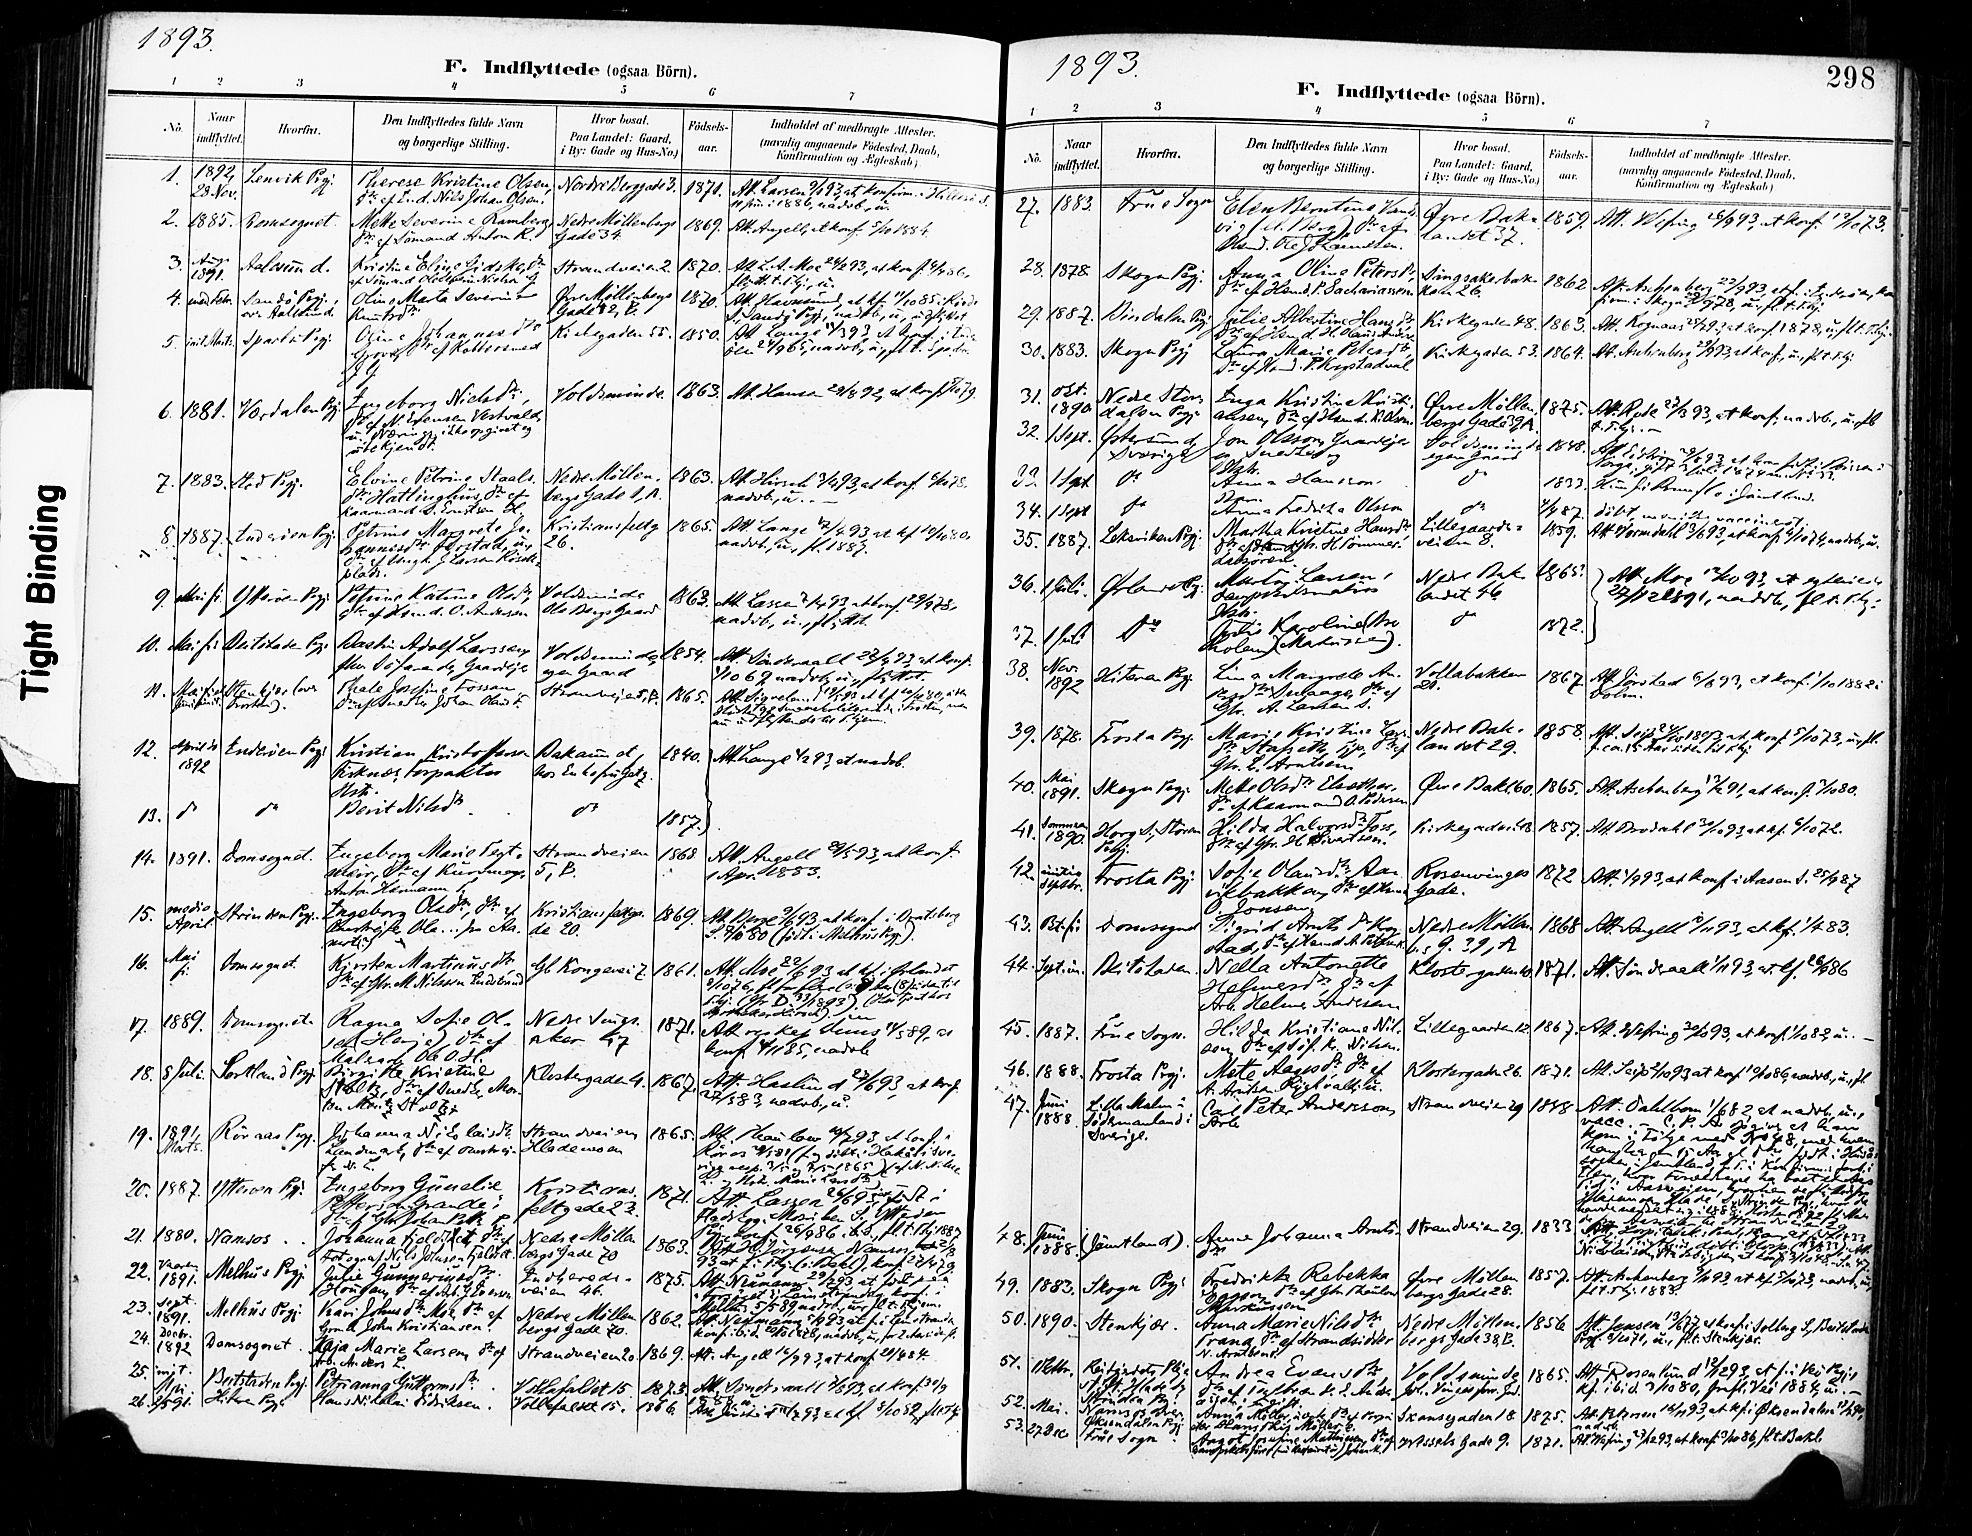 SAT, Ministerialprotokoller, klokkerbøker og fødselsregistre - Sør-Trøndelag, 604/L0198: Ministerialbok nr. 604A19, 1893-1900, s. 298